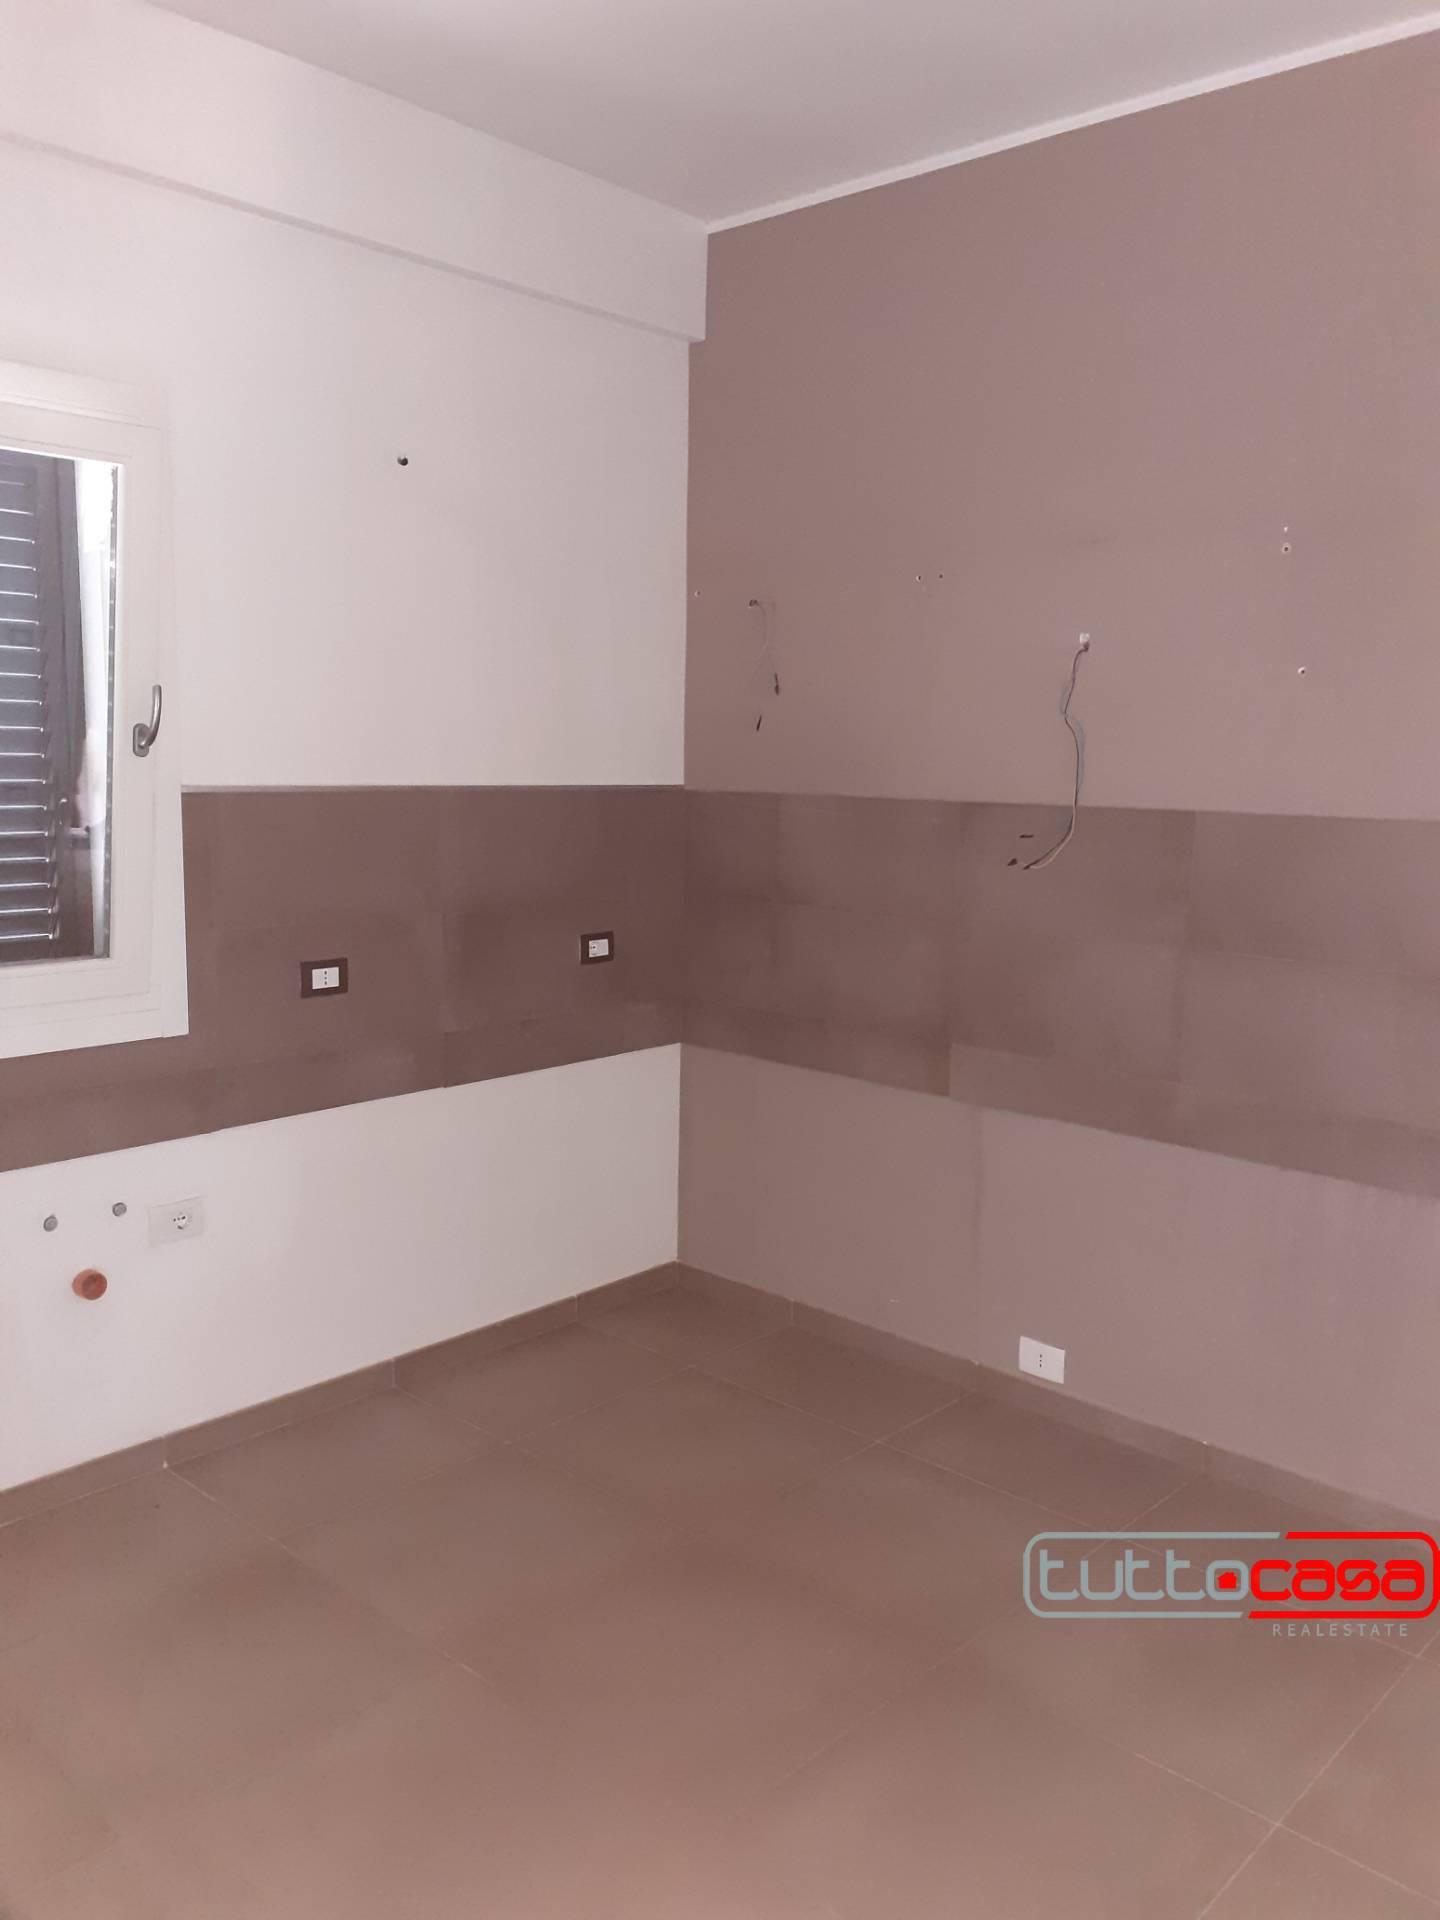 Appartamento in vendita a Modica, 4 locali, zona Località: ModicaSorda, prezzo € 150.000 | PortaleAgenzieImmobiliari.it